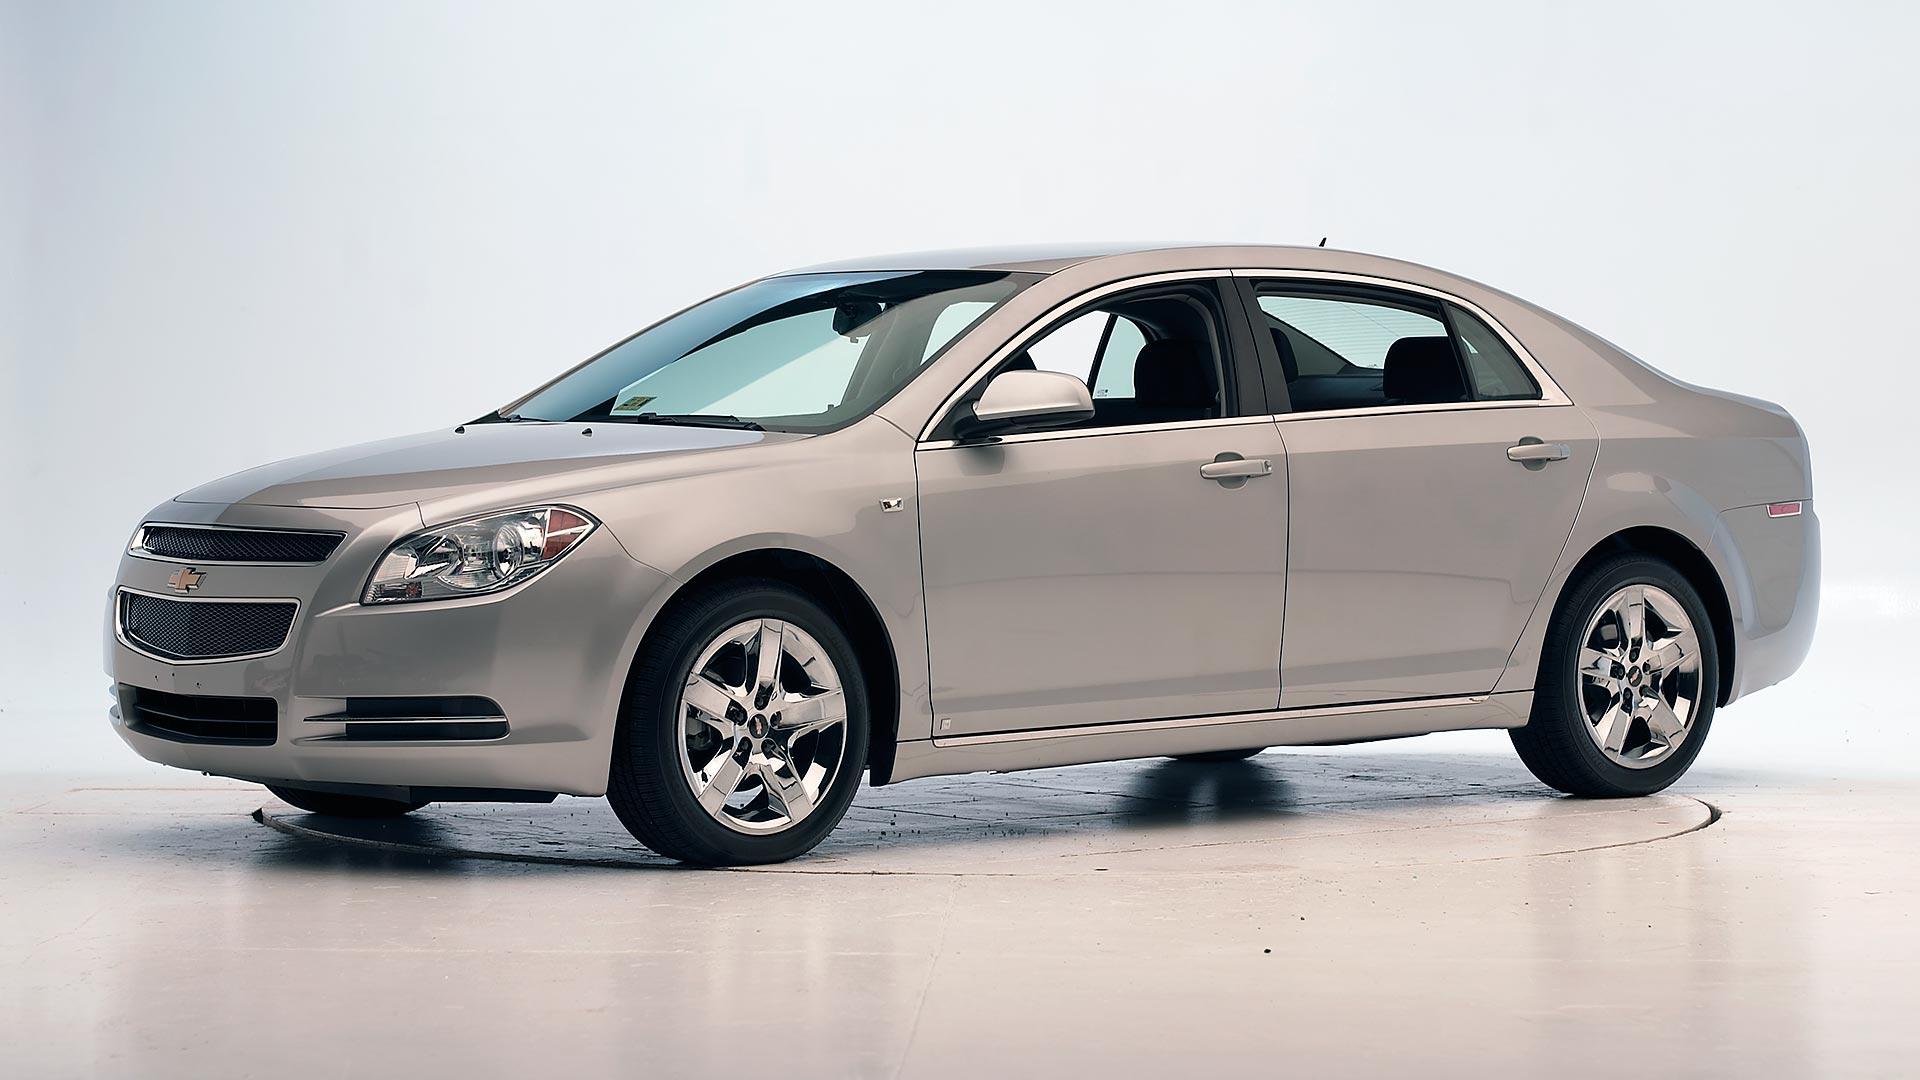 Kelebihan Kekurangan Chevrolet 2008 Top Model Tahun Ini